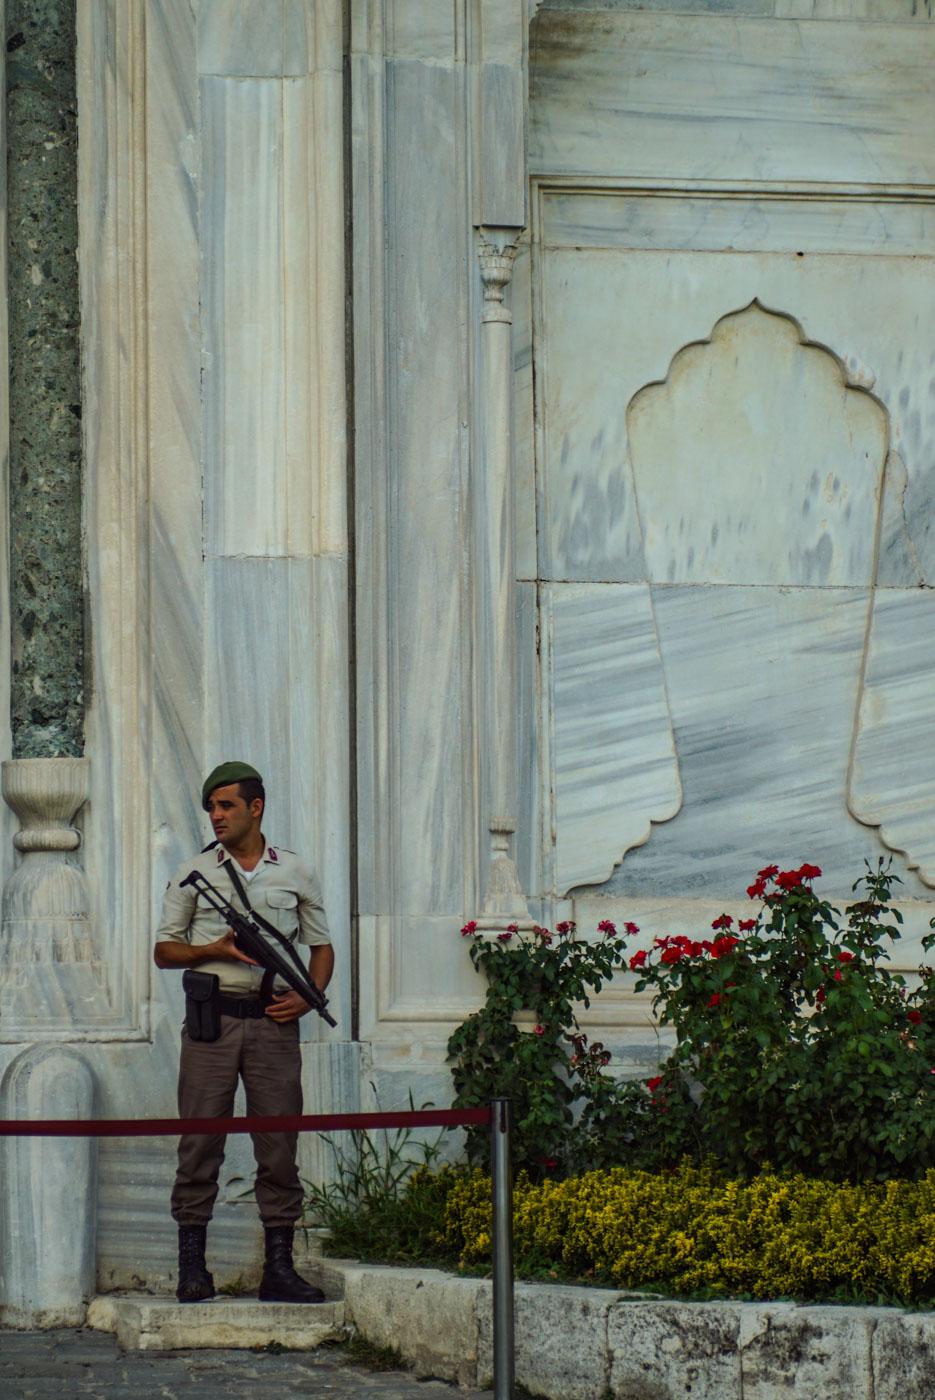 Das Bild zeigt einen Wachmann in der Nähe der Hagia Sophia wie er nach rechts guckt. Dadurch sind die zwei Männer die vor dem secondhand BH Laden sitzen von den Soldaten eingerahmt die sie beobachten.